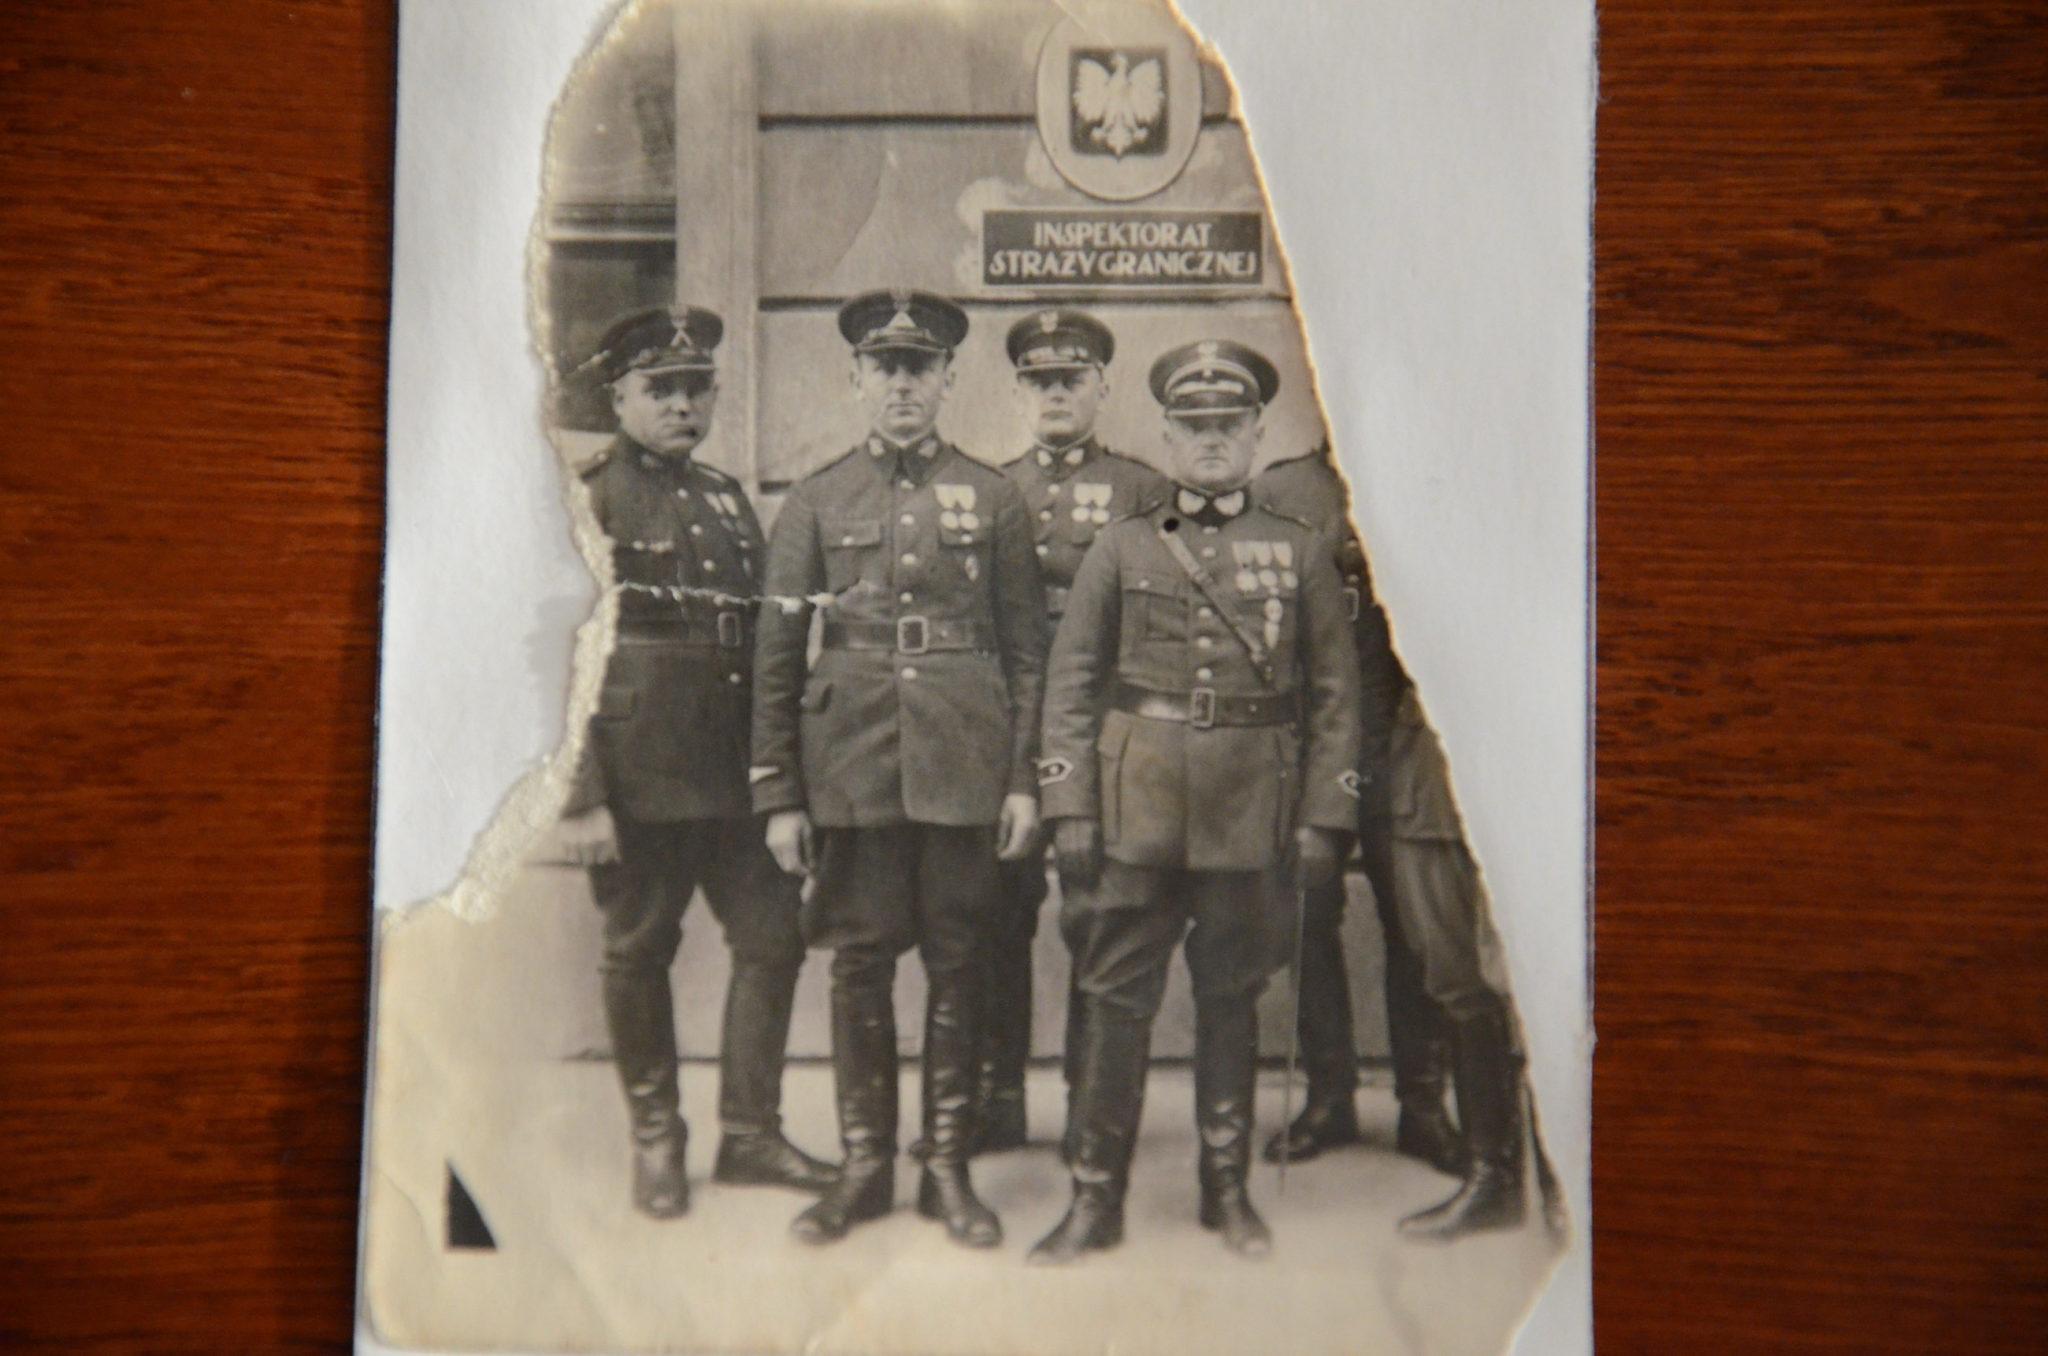 Z tyłu Józef Dróbka, ojciec Edwarda (londyńczyka). Zdjęcie zrobiono w 1932 przed placówką w Chojnicach. Rosjanie zamordowali pogranicznika w wieku 45 lat w Kalininie (obecnie Twer) i zasypali w zbiorowym grobie w Miednym.